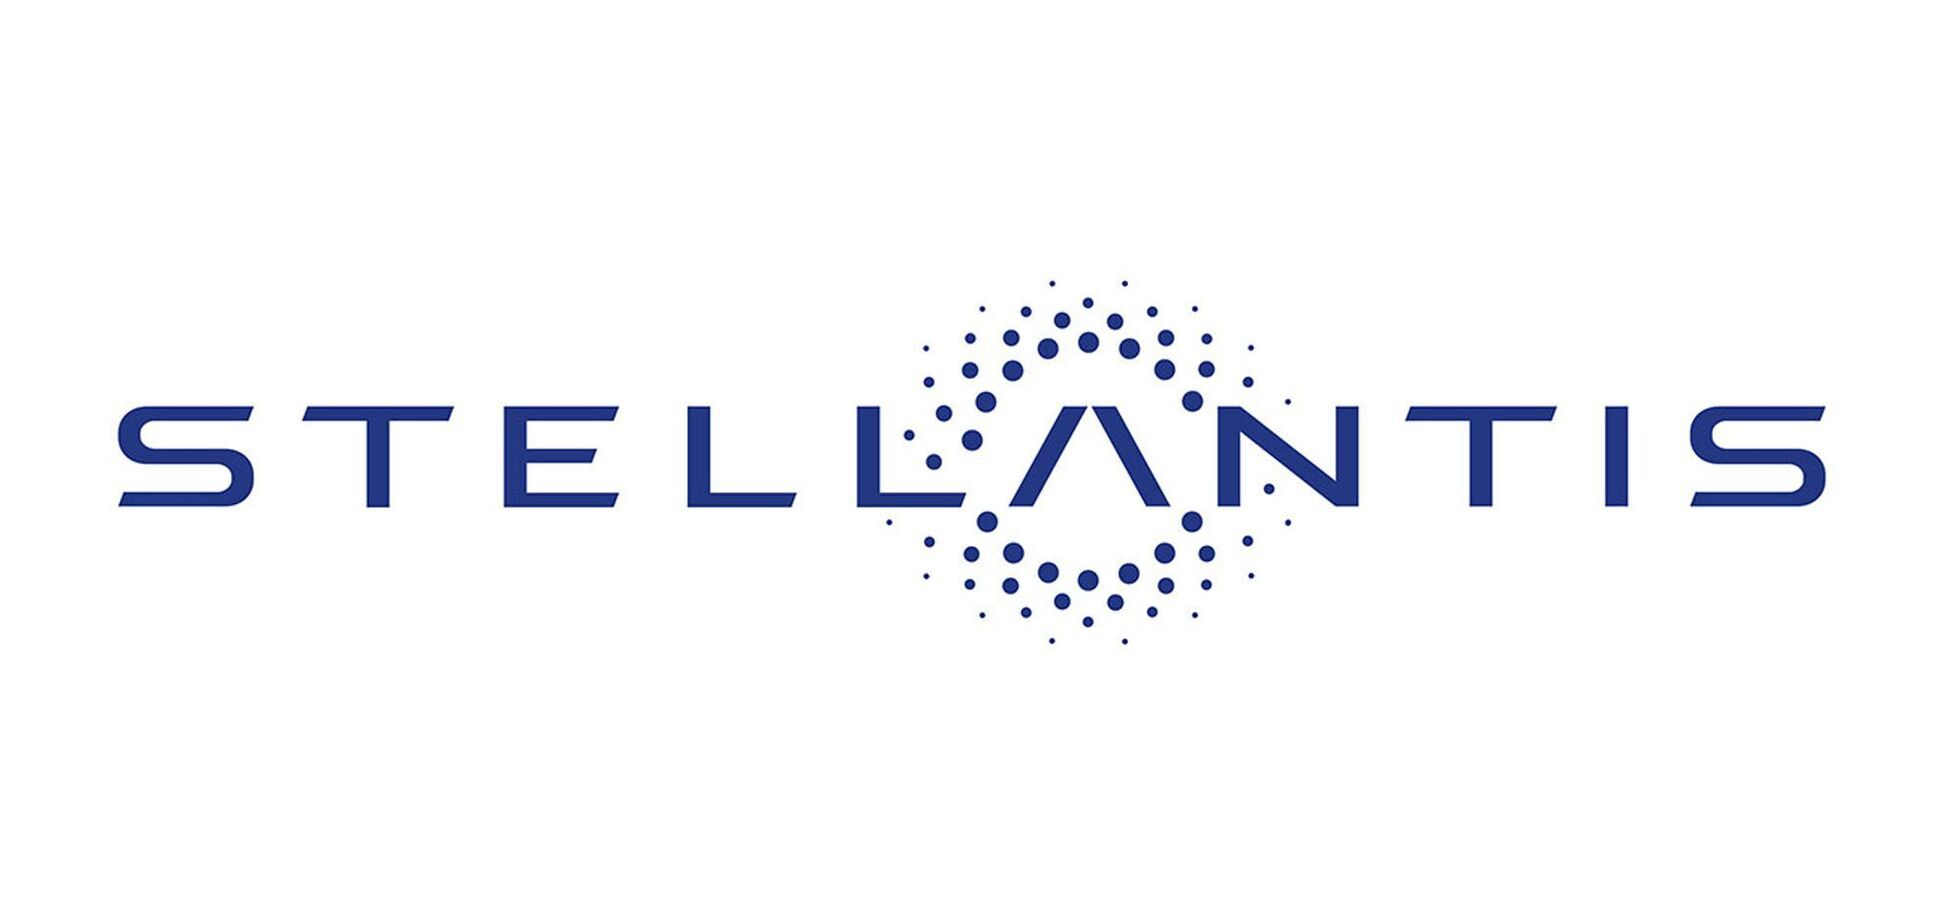 В мире появился новый автомобильный гигант Stellantis